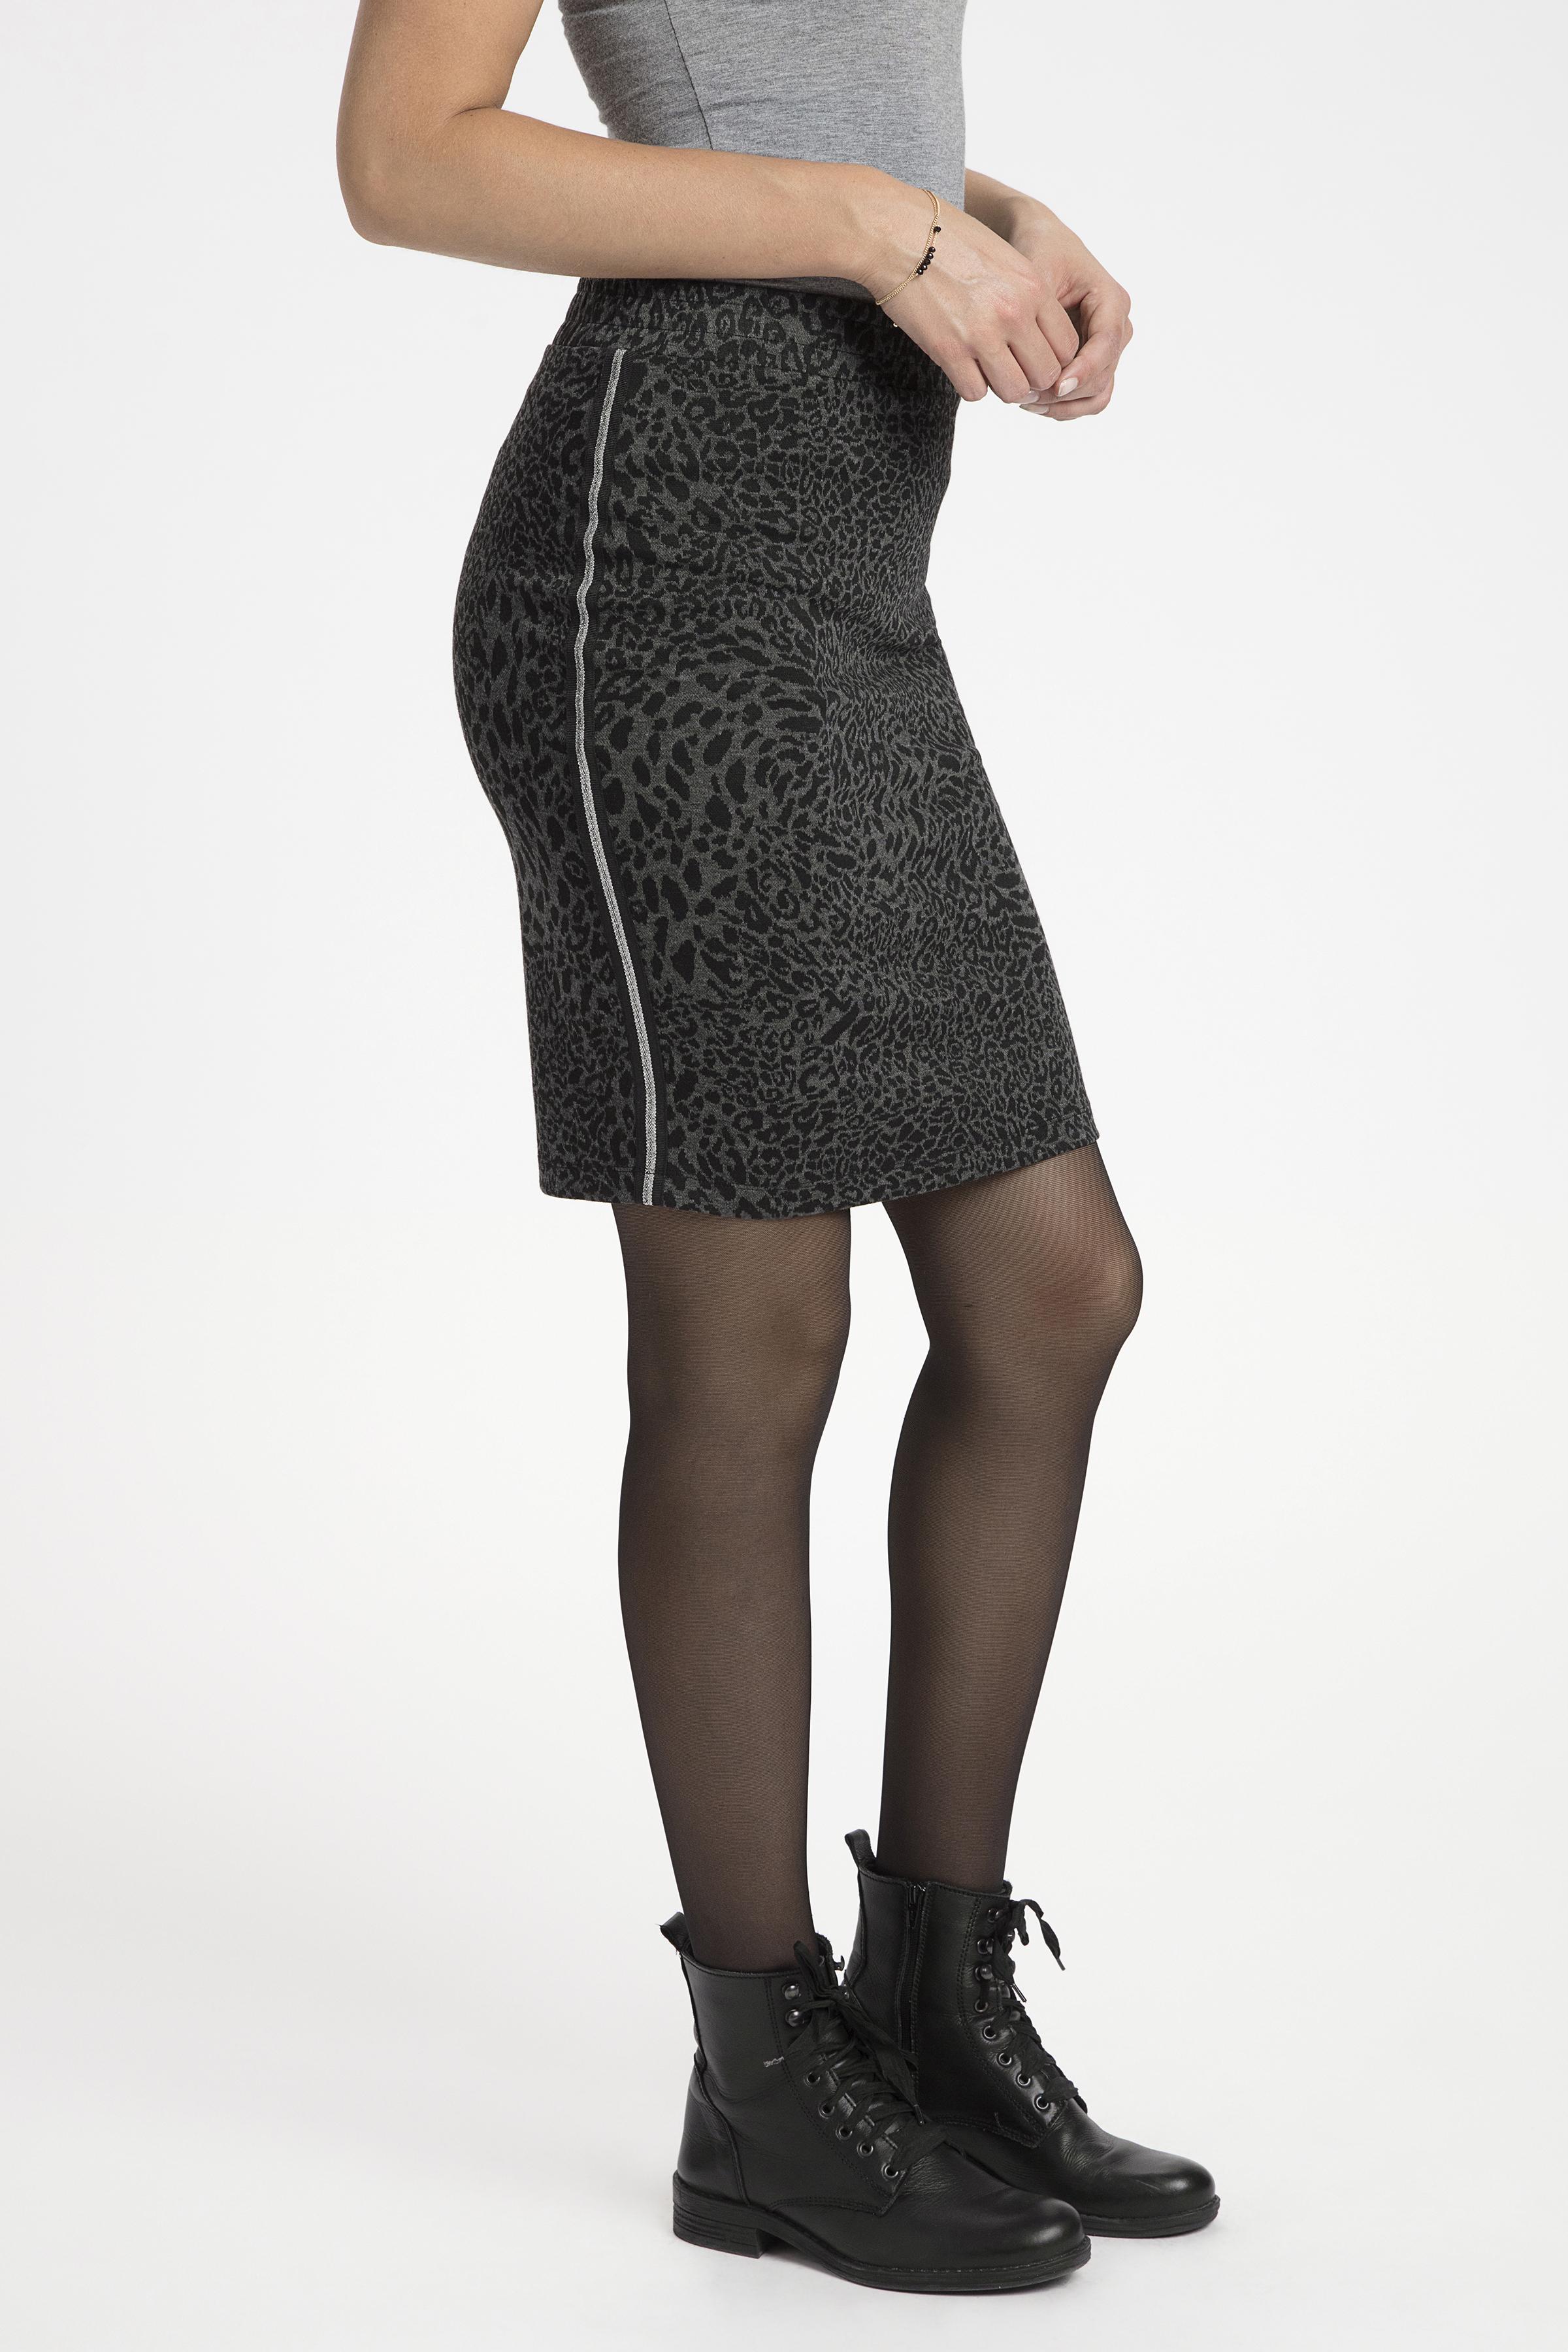 Sort/grå Nederdel fra Bon'A Parte – Køb Sort/grå Nederdel fra str. S-2XL her